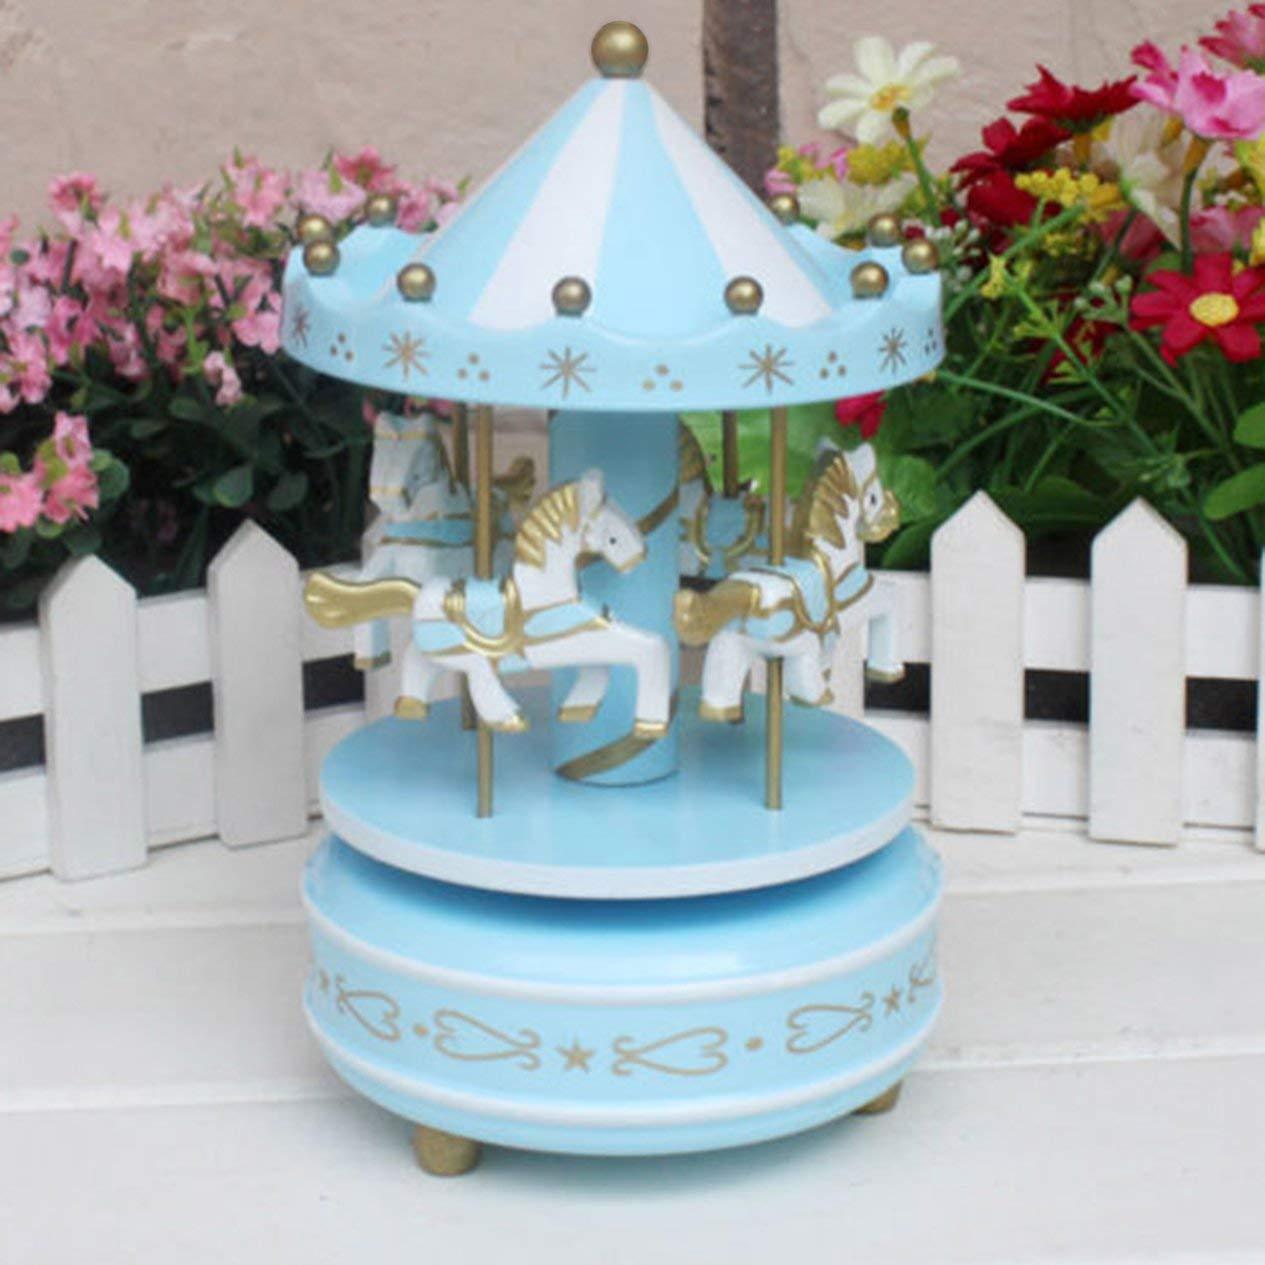 blau H/ölzerne Karussell-Spieluhr f/ür Kinder Spielzeug Hochzeit Geburtstage Geschenk Aufziehpferd Rummelplatz Spieluhr